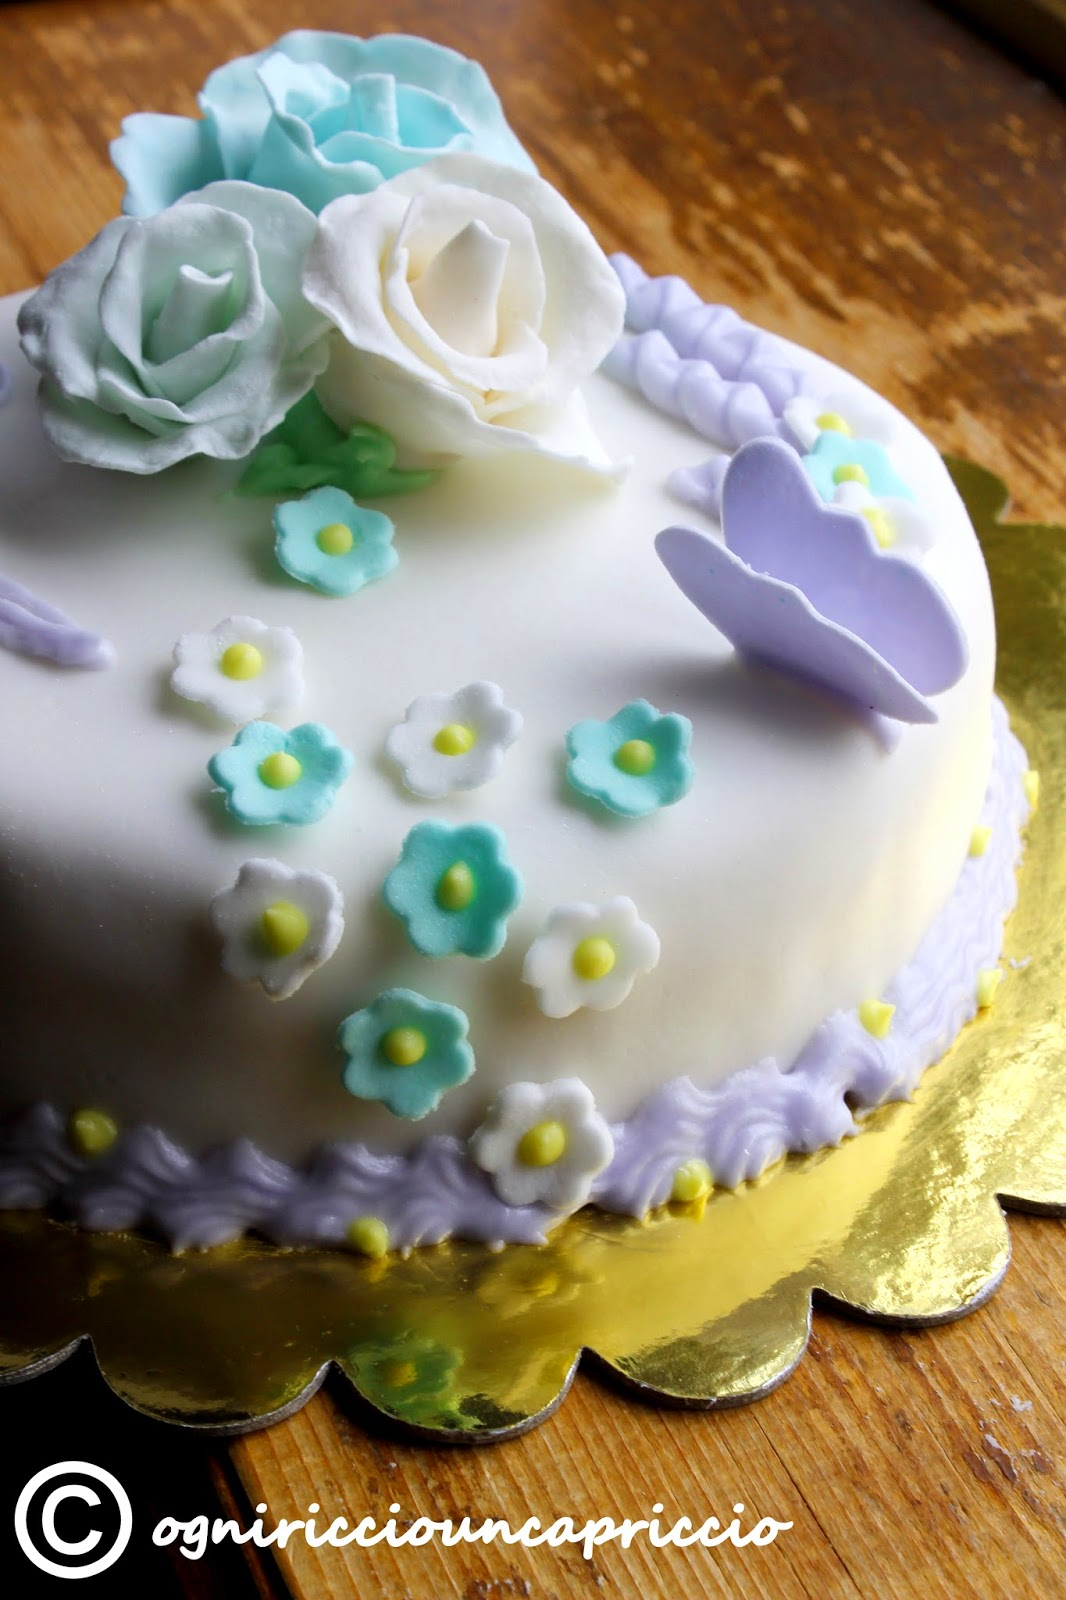 Incucinacolcuore pasta di zucchero e decorazioni for Pasta di zucchero decorazioni